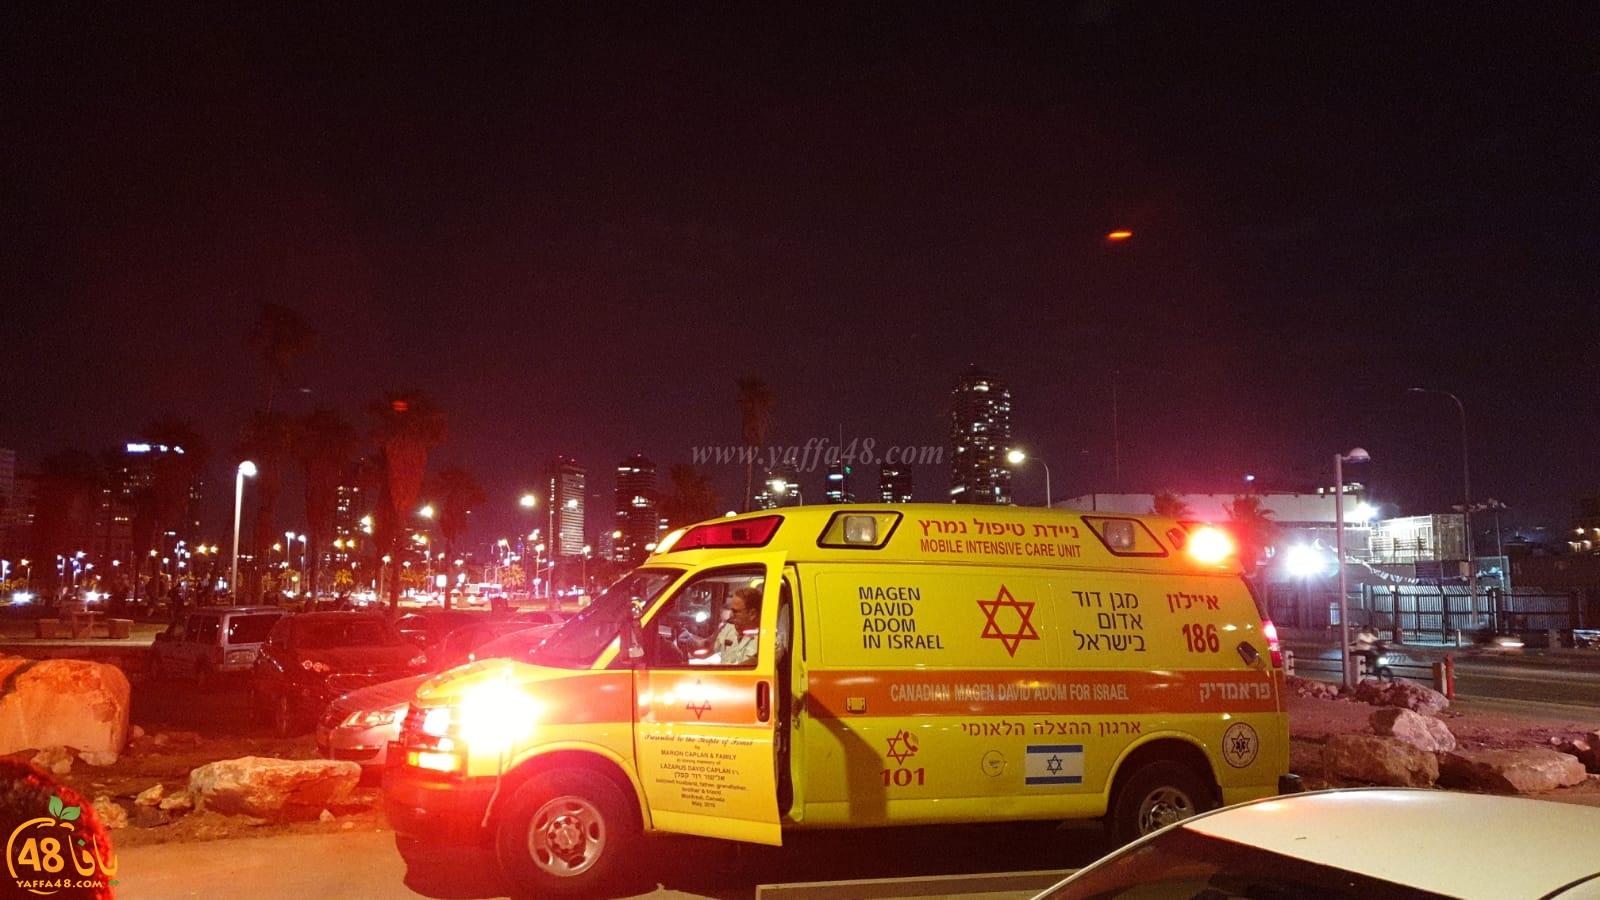 يافا: اصابة متوسطة لراكب دراجة هوائية اثر انزلاقه